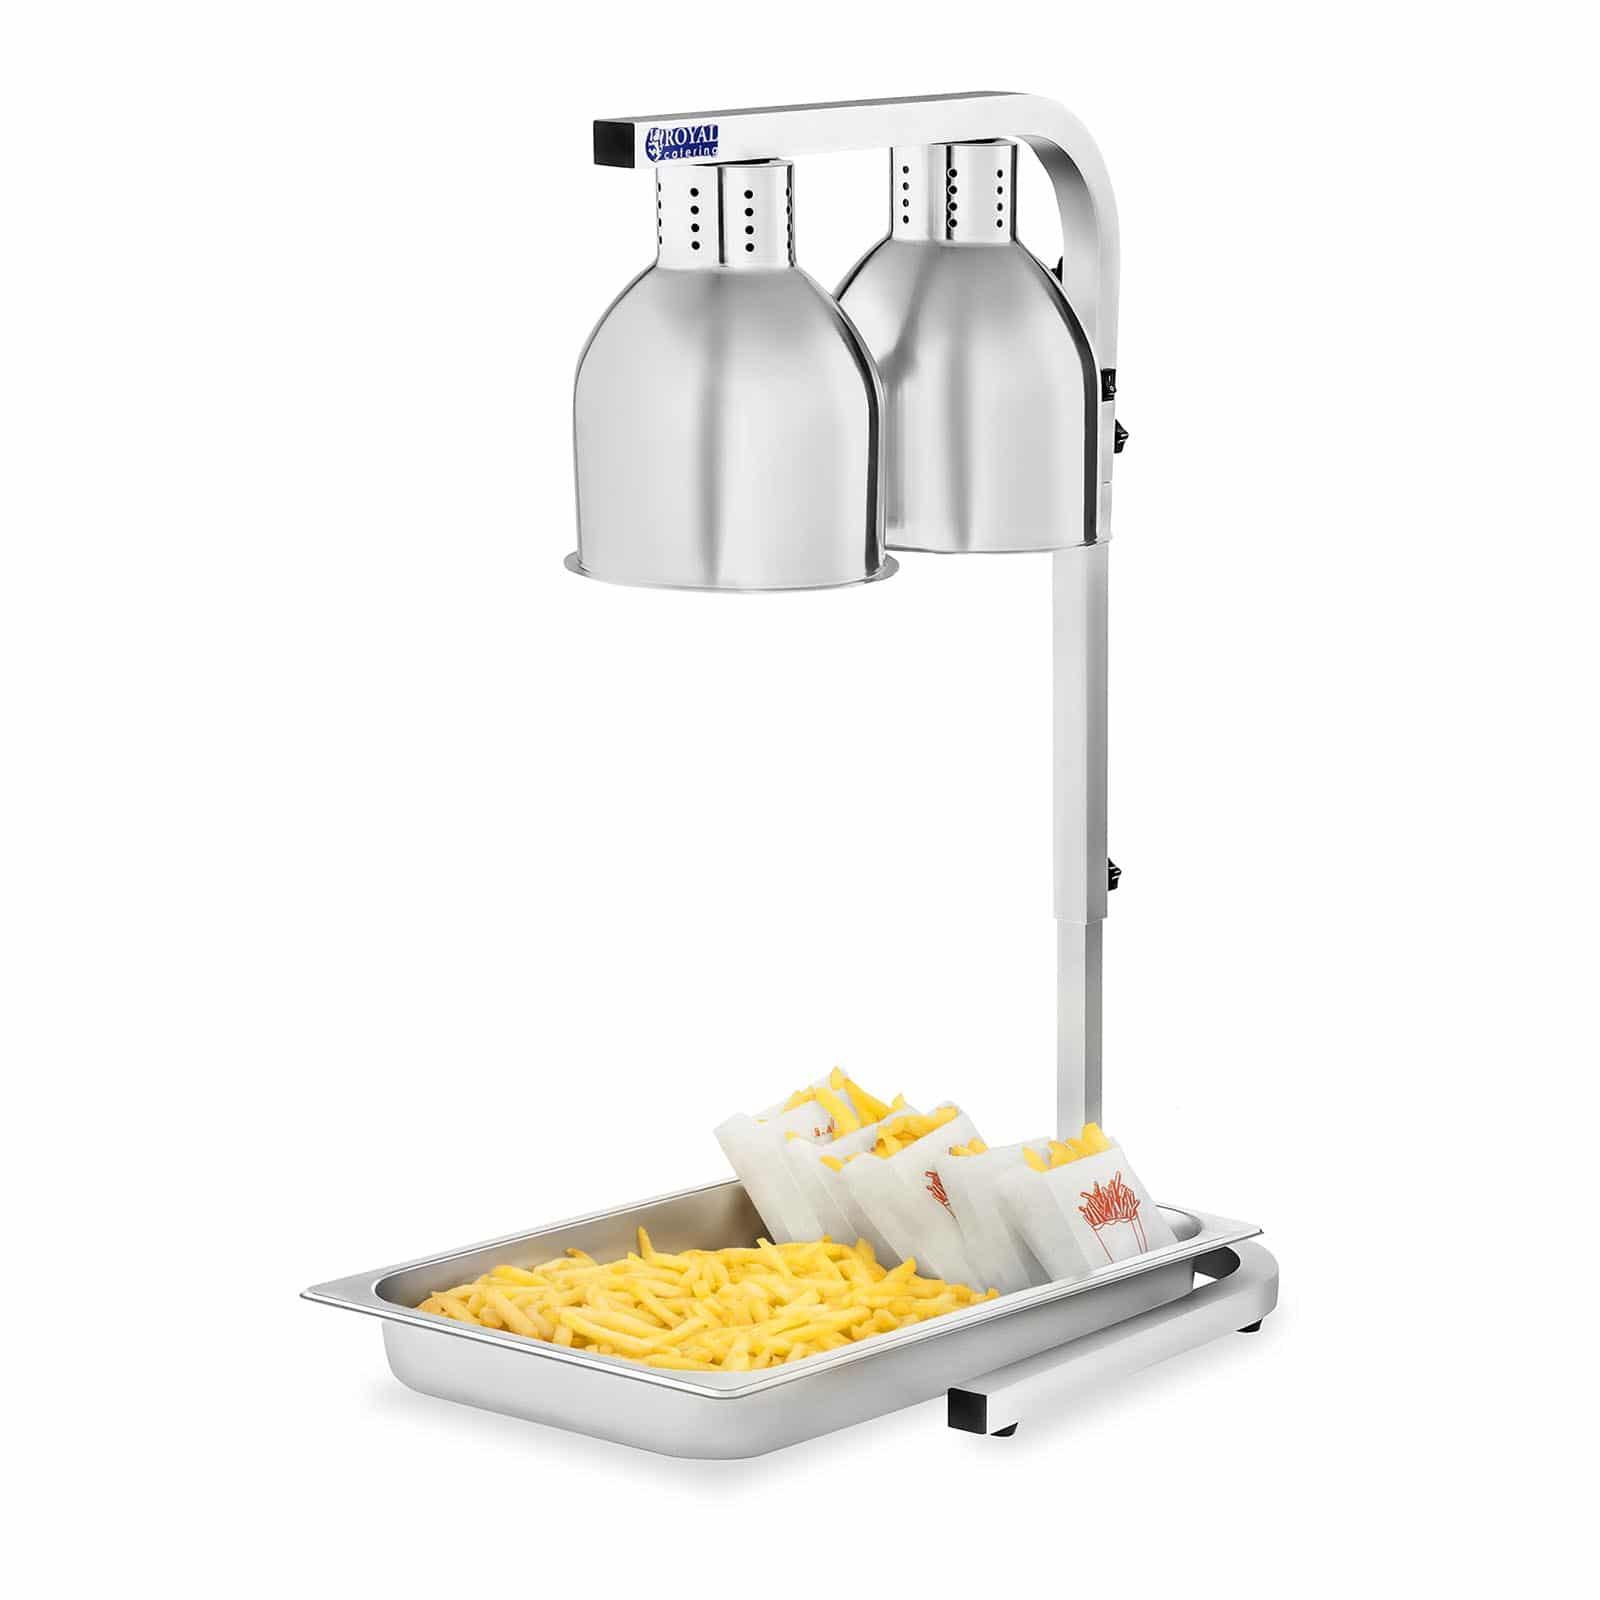 Lampy grzewcze do potraw